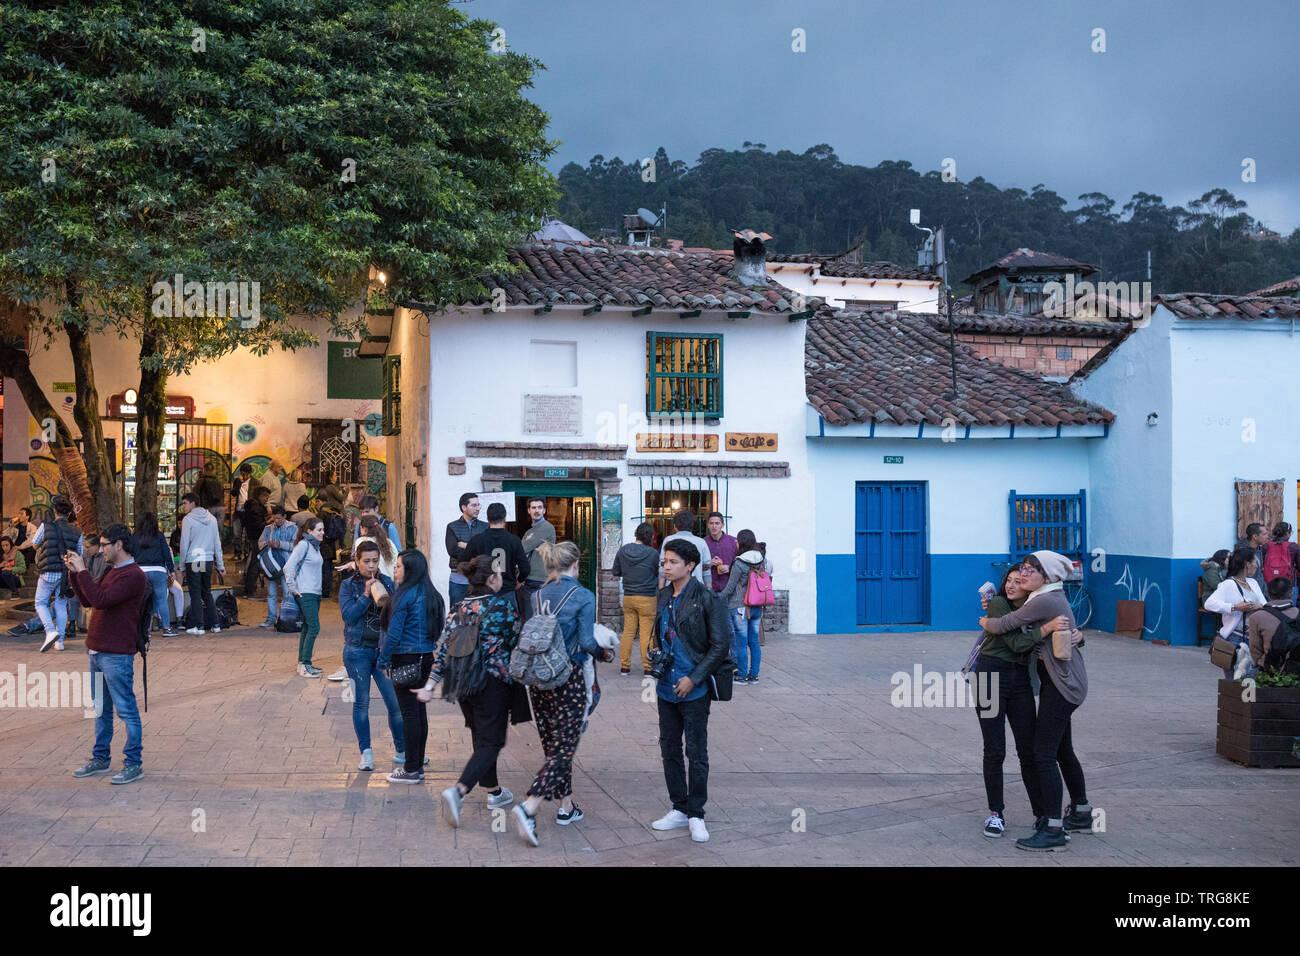 Plazoleta Chorro de Quevedo al crepuscolo, La Candelaria, Bogotà, Colombia Immagini Stock